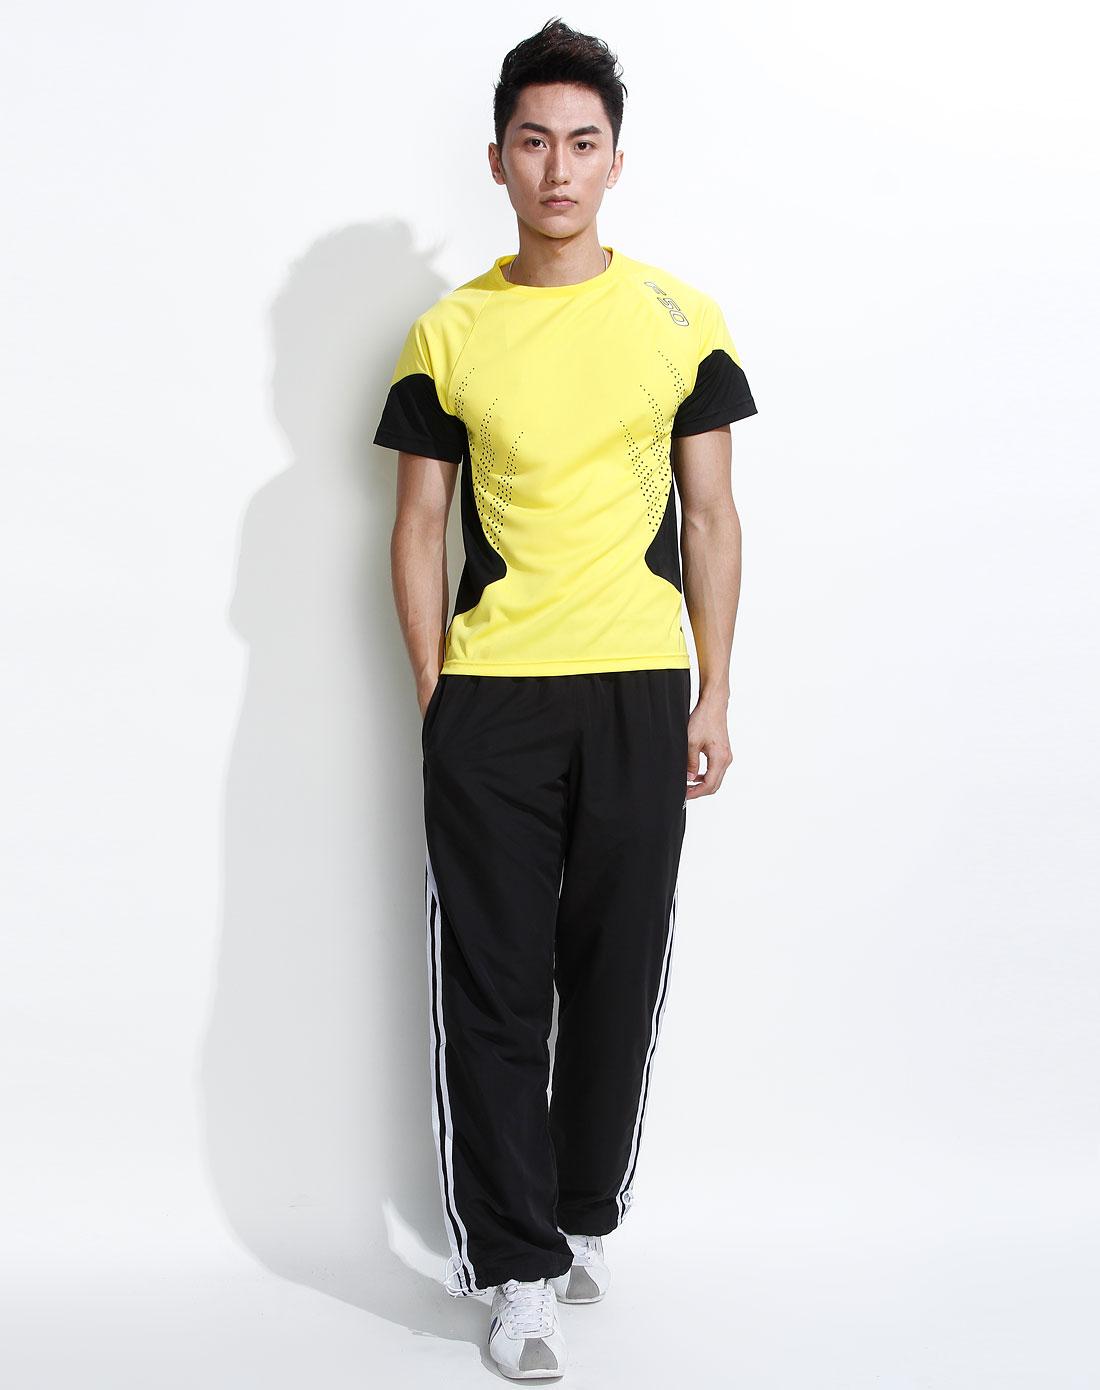 > 男款黄色运动短袖比赛服